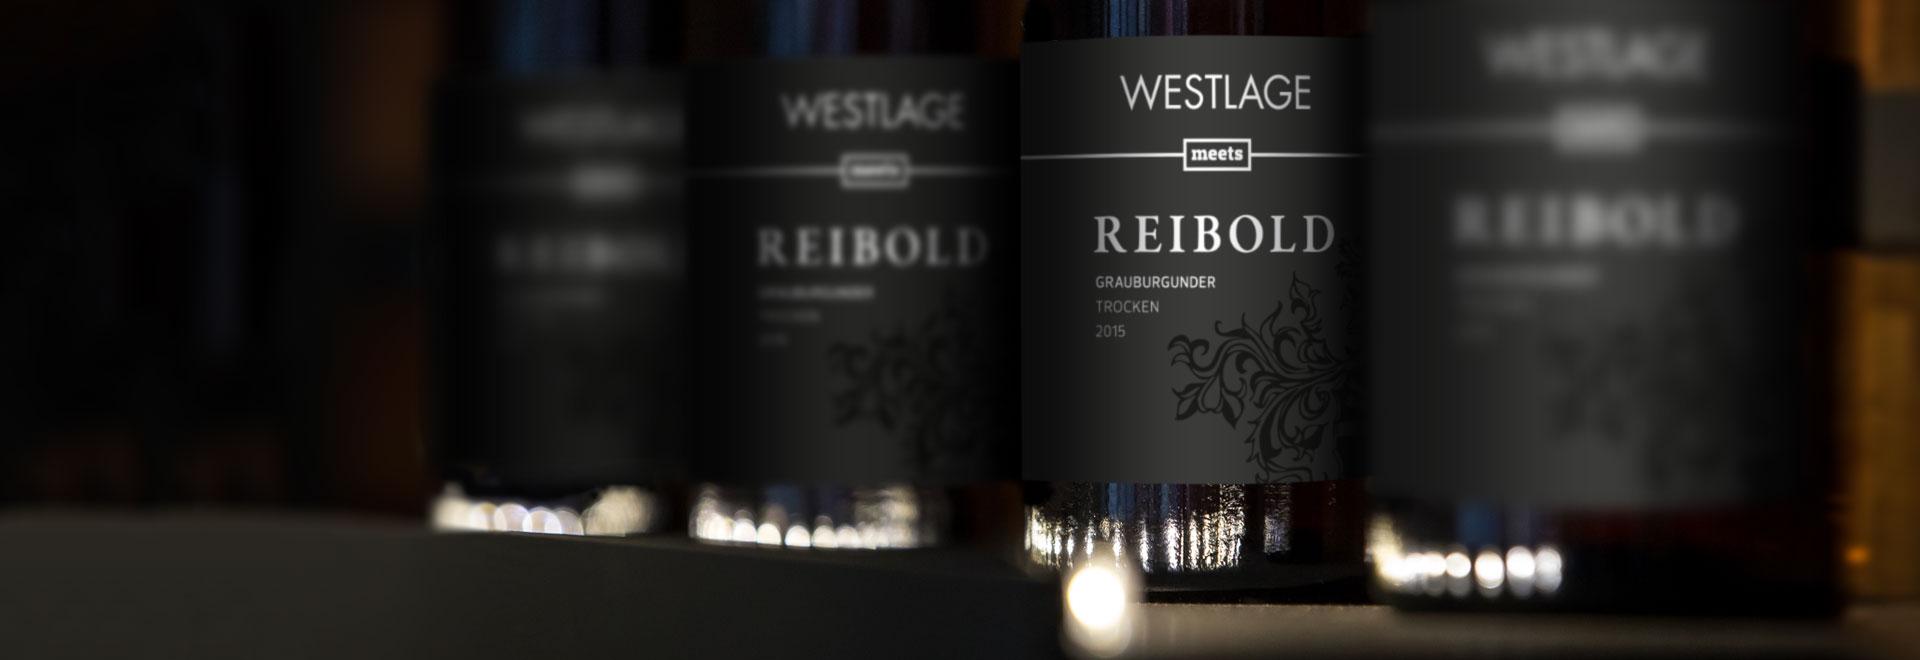 Slider_Westlage_Reibold1